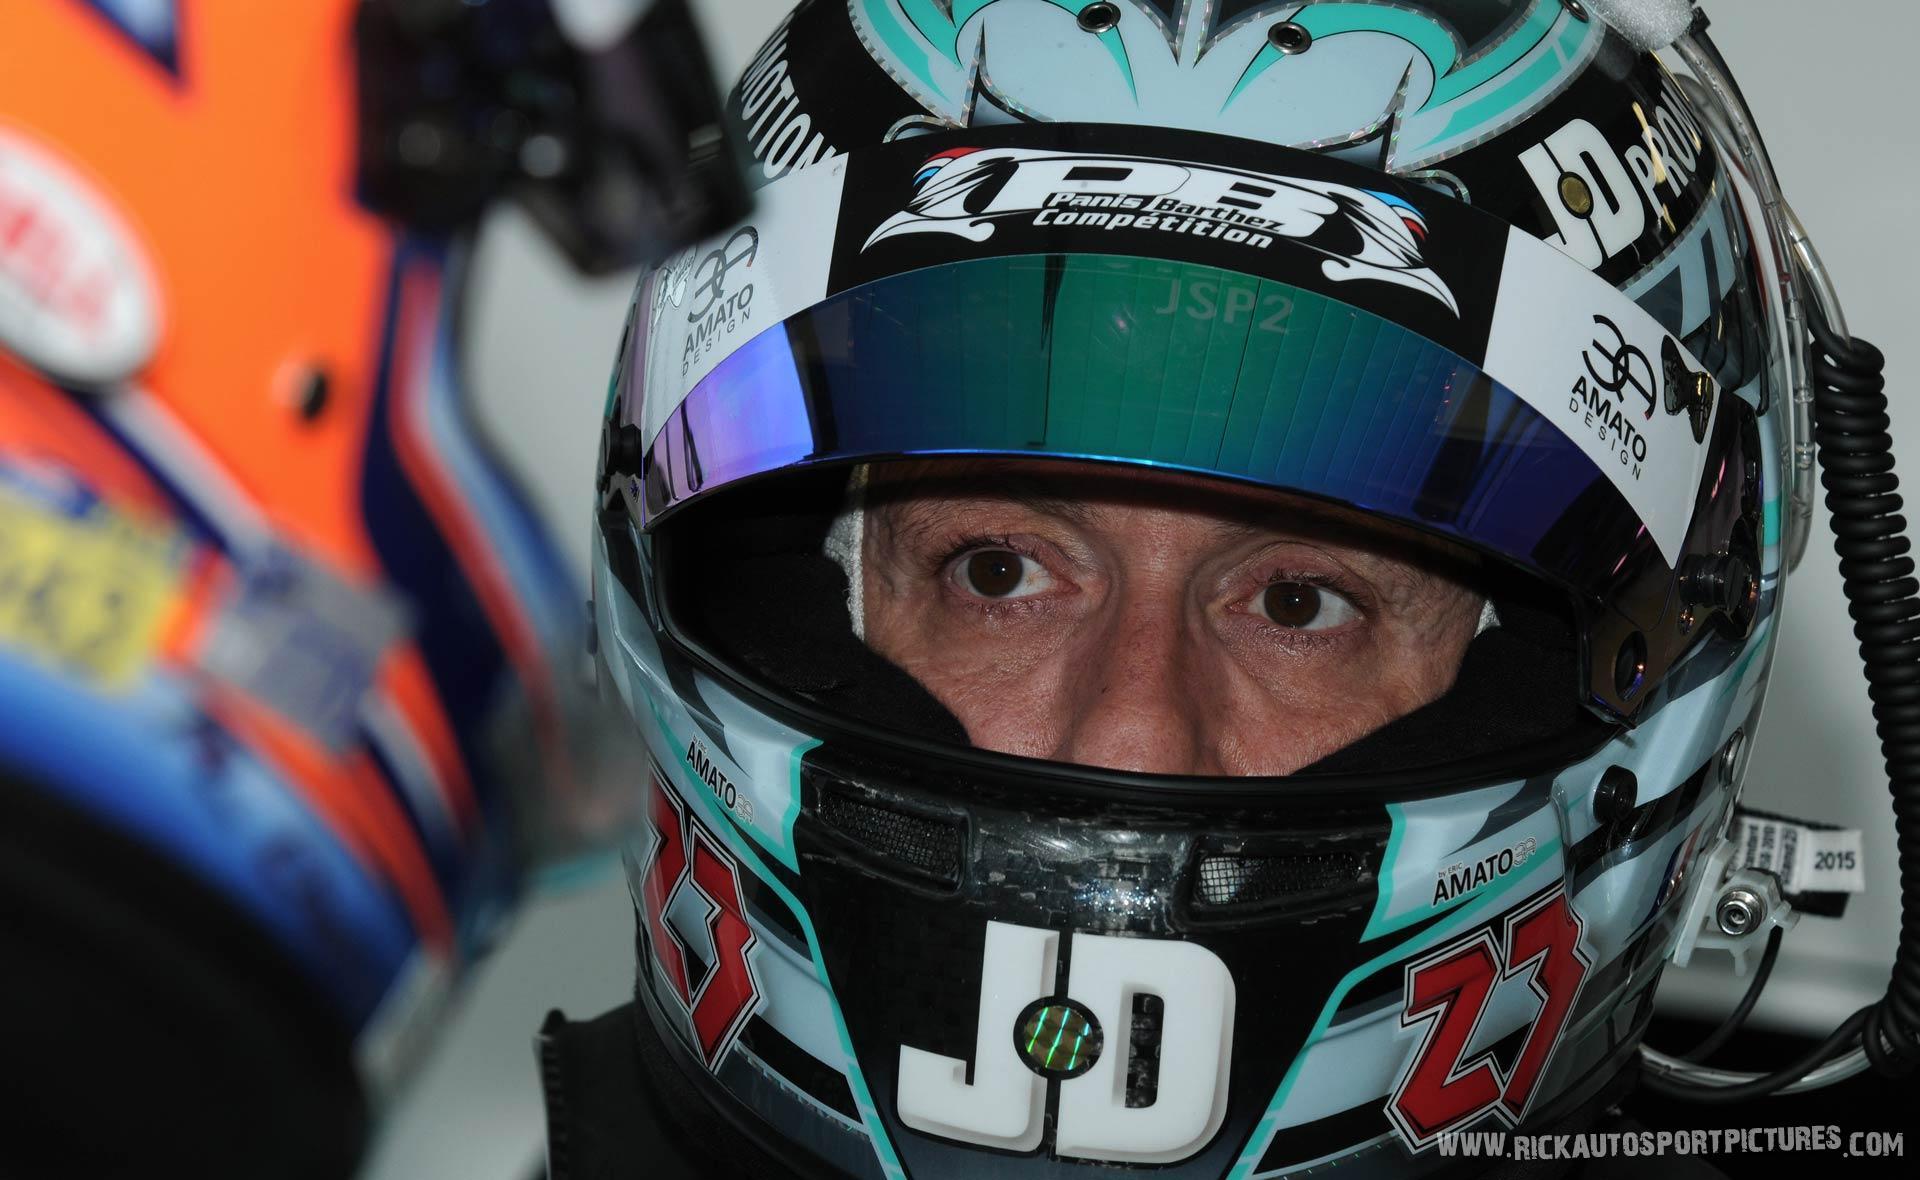 Fabien Barthez Silverstone 2016